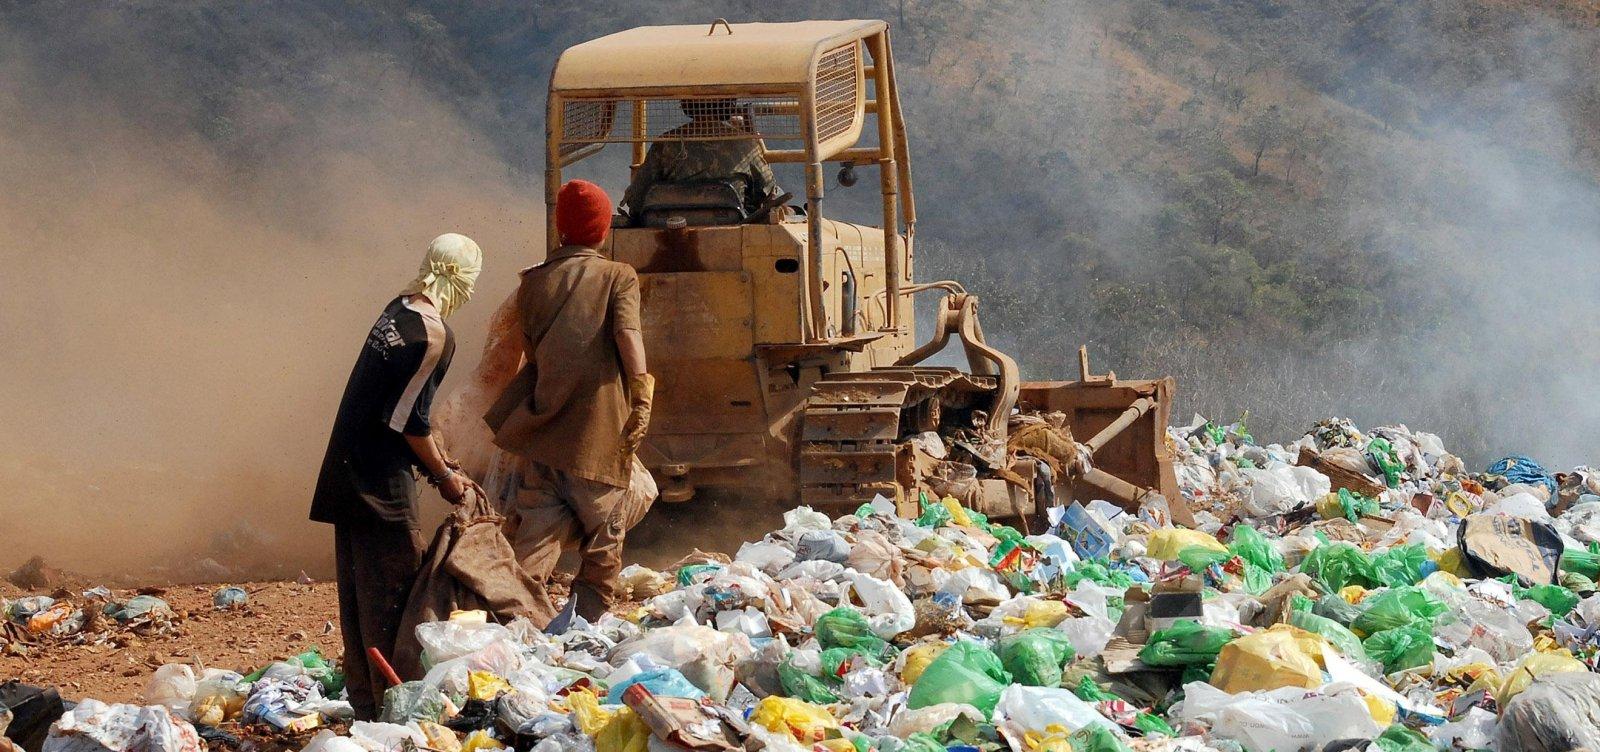 [Relatório aponta que Brasil tem quase 3 mil lixões em 1,6 mil cidades]